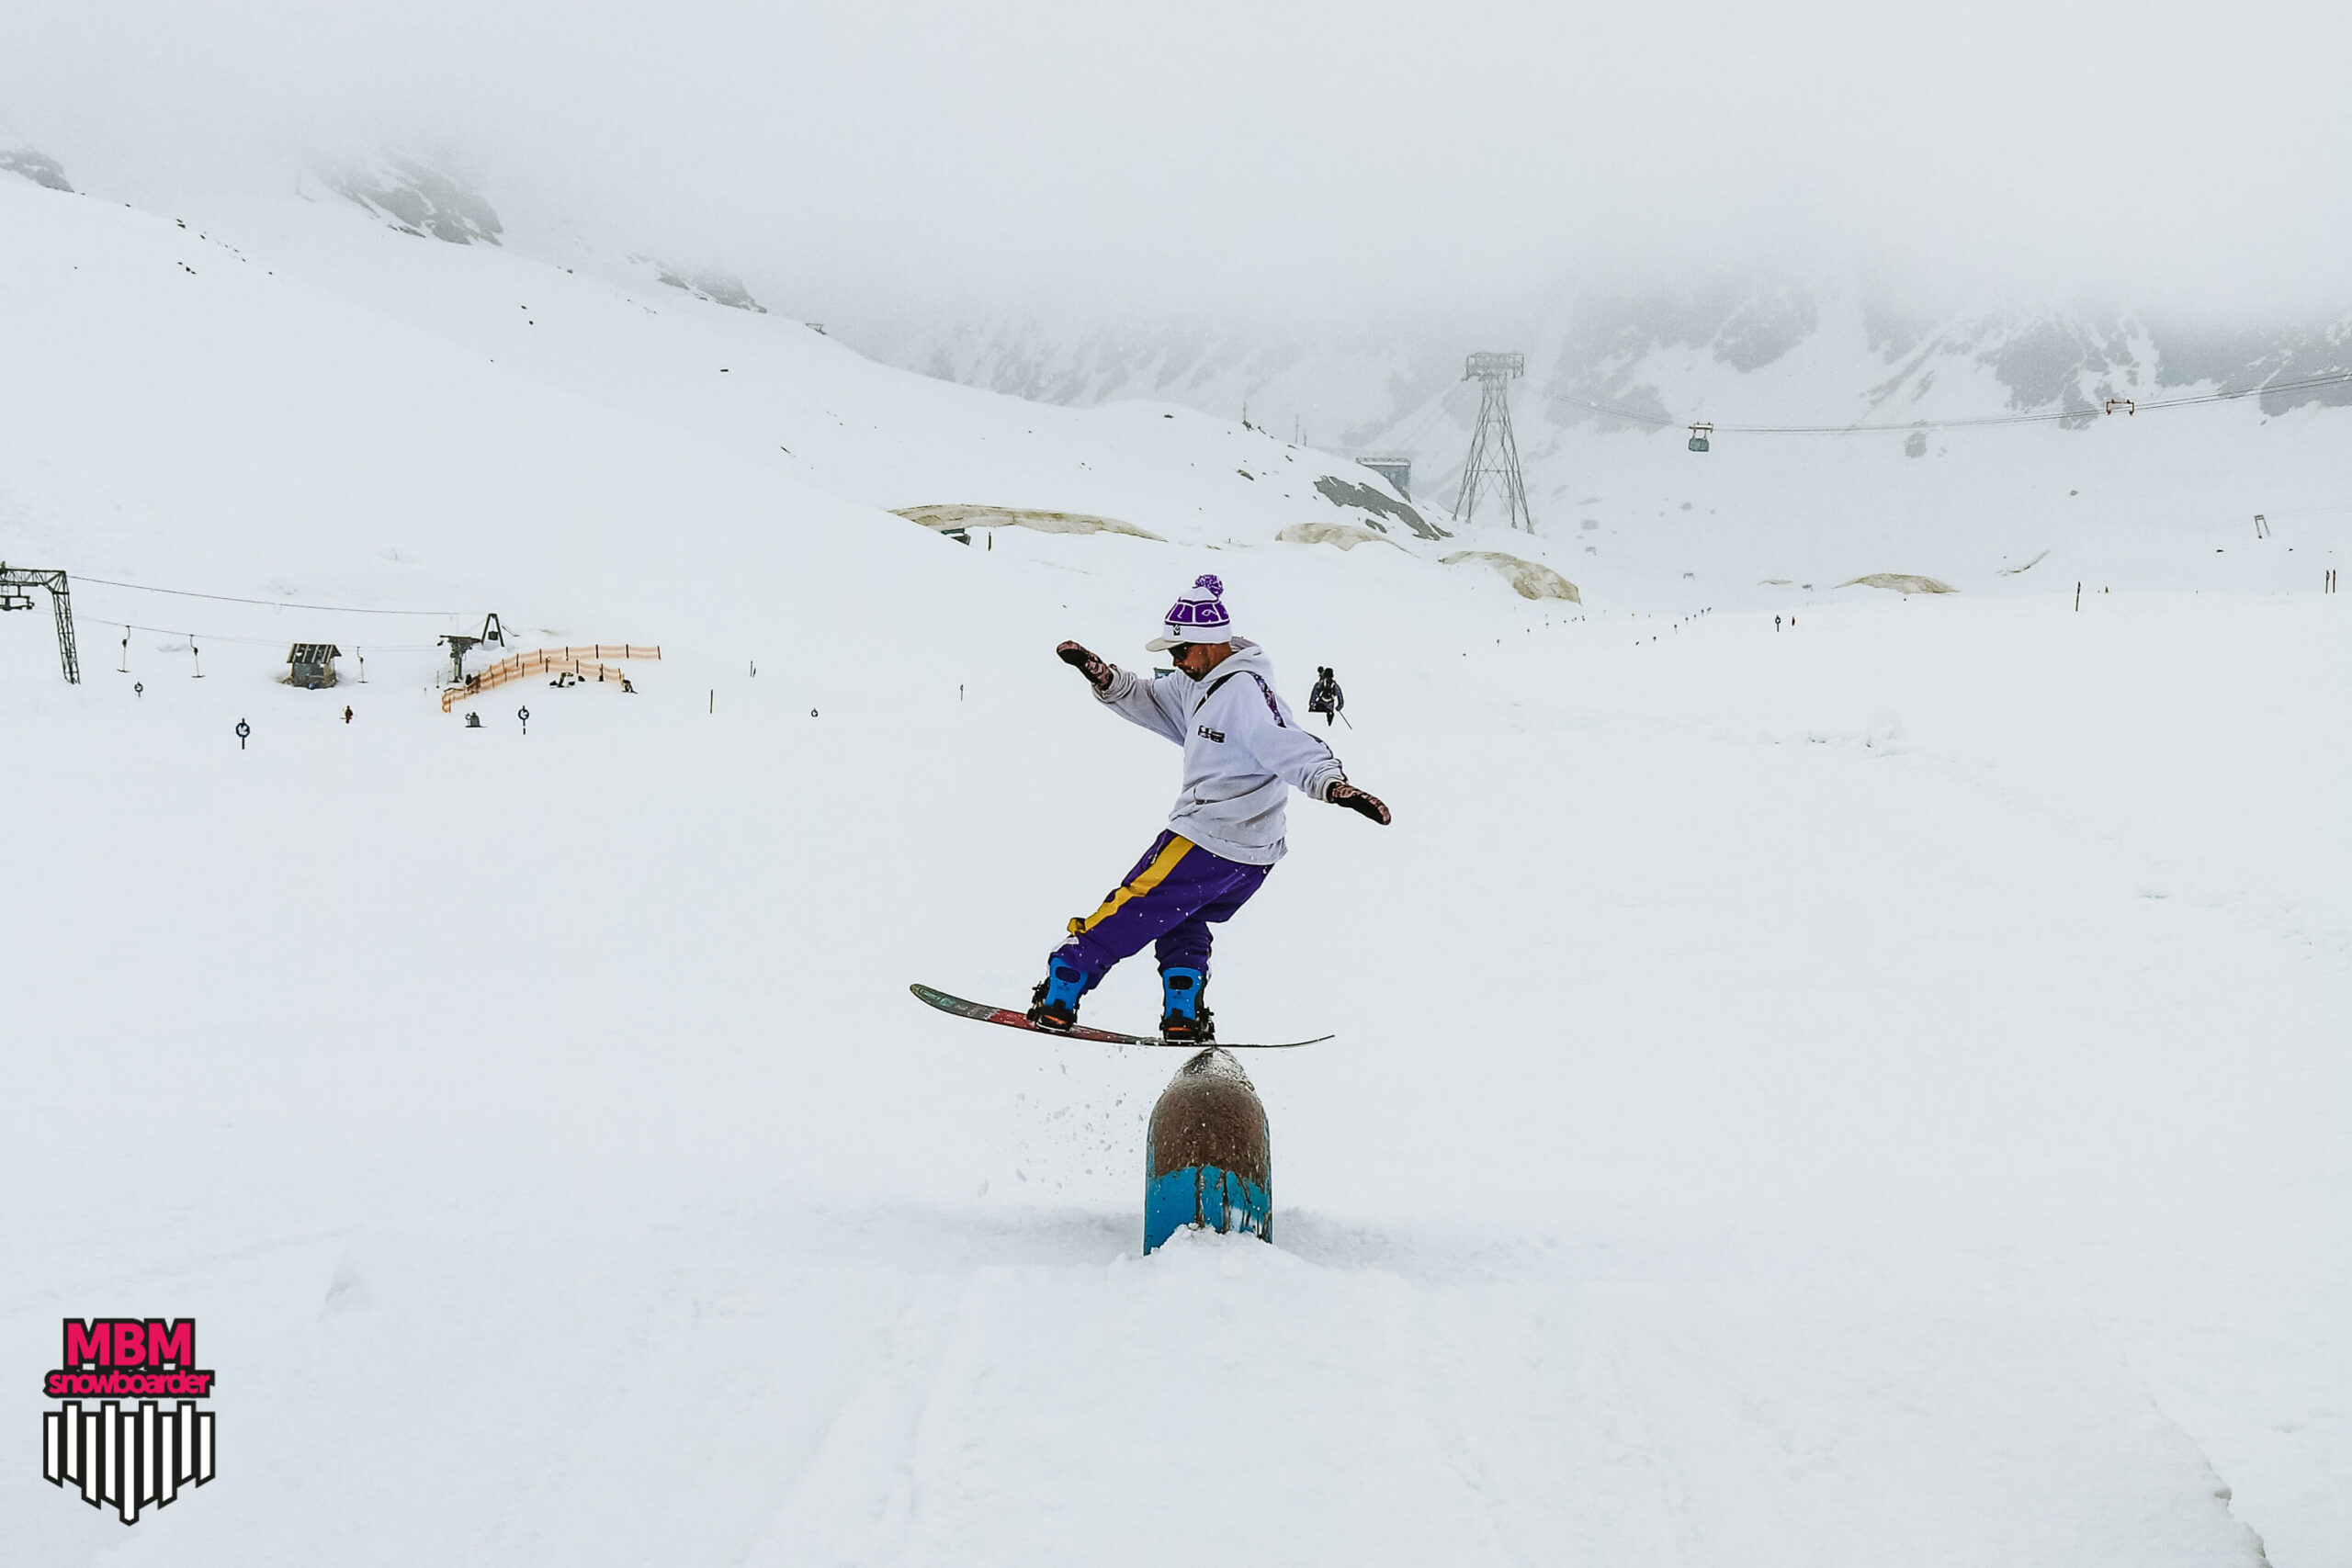 snowboarderMBM_sd_kaunertal_122